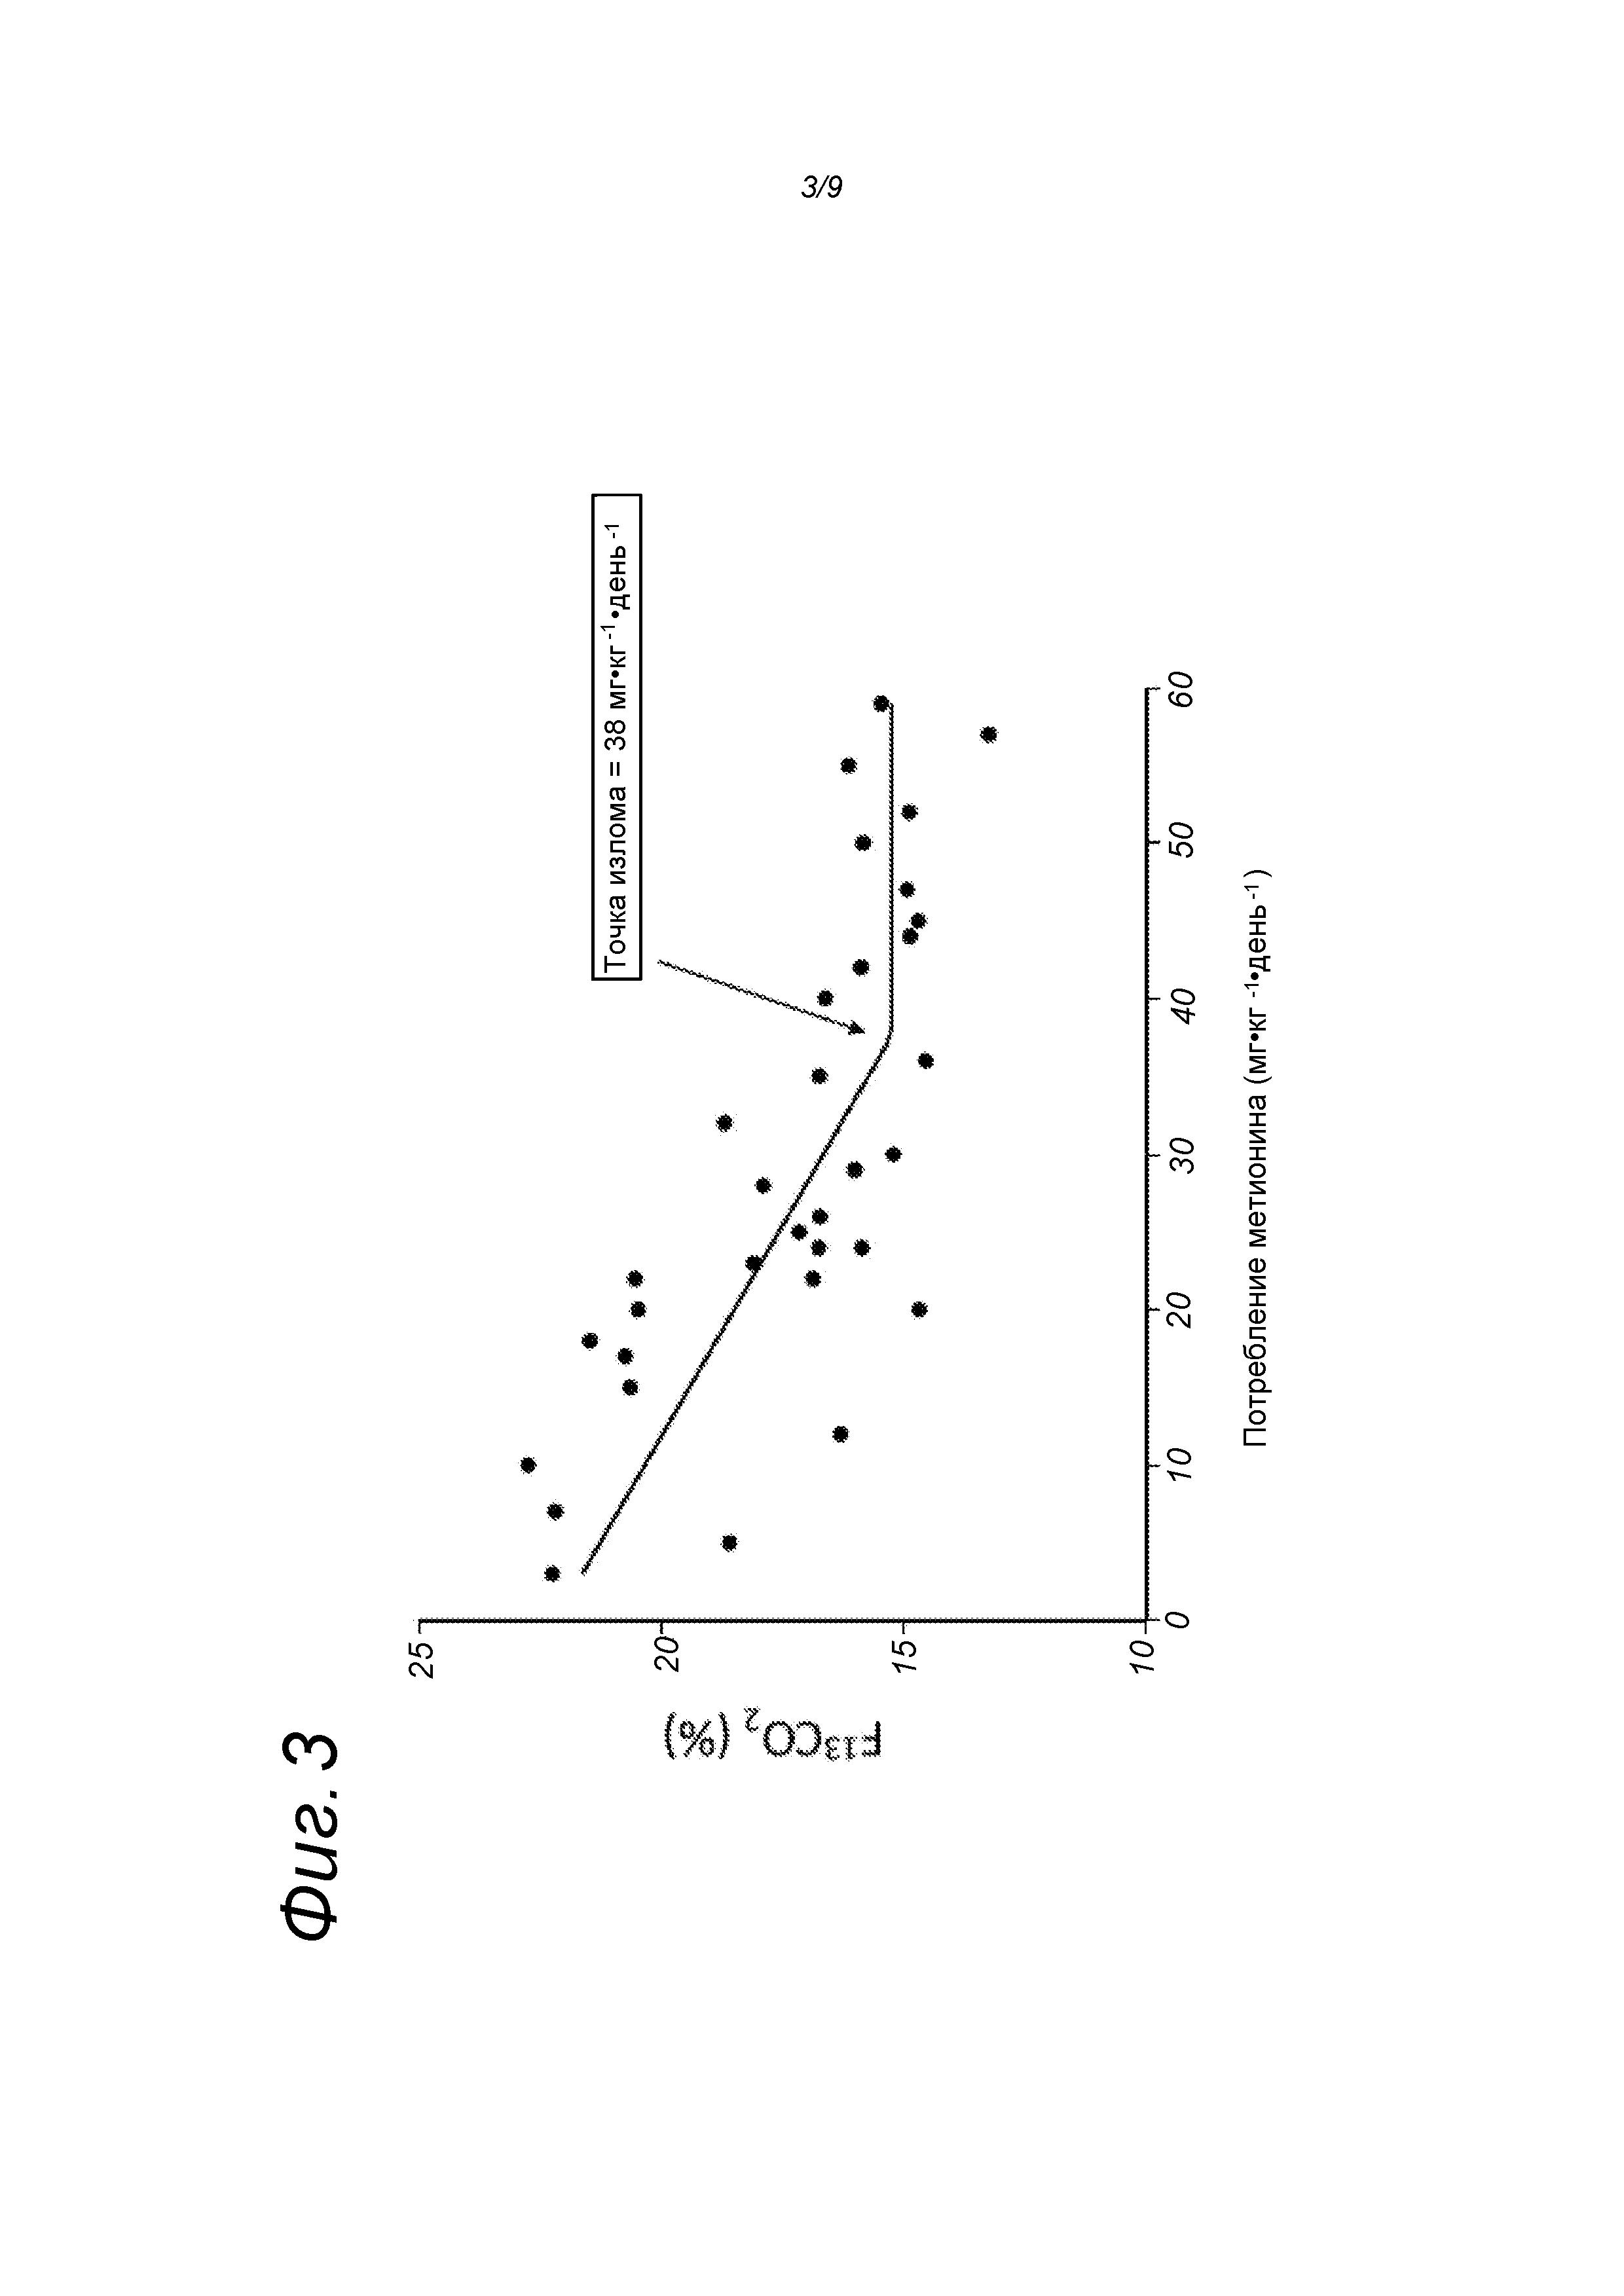 Детские смеси, содержащие оптимизированные профили аминокислот